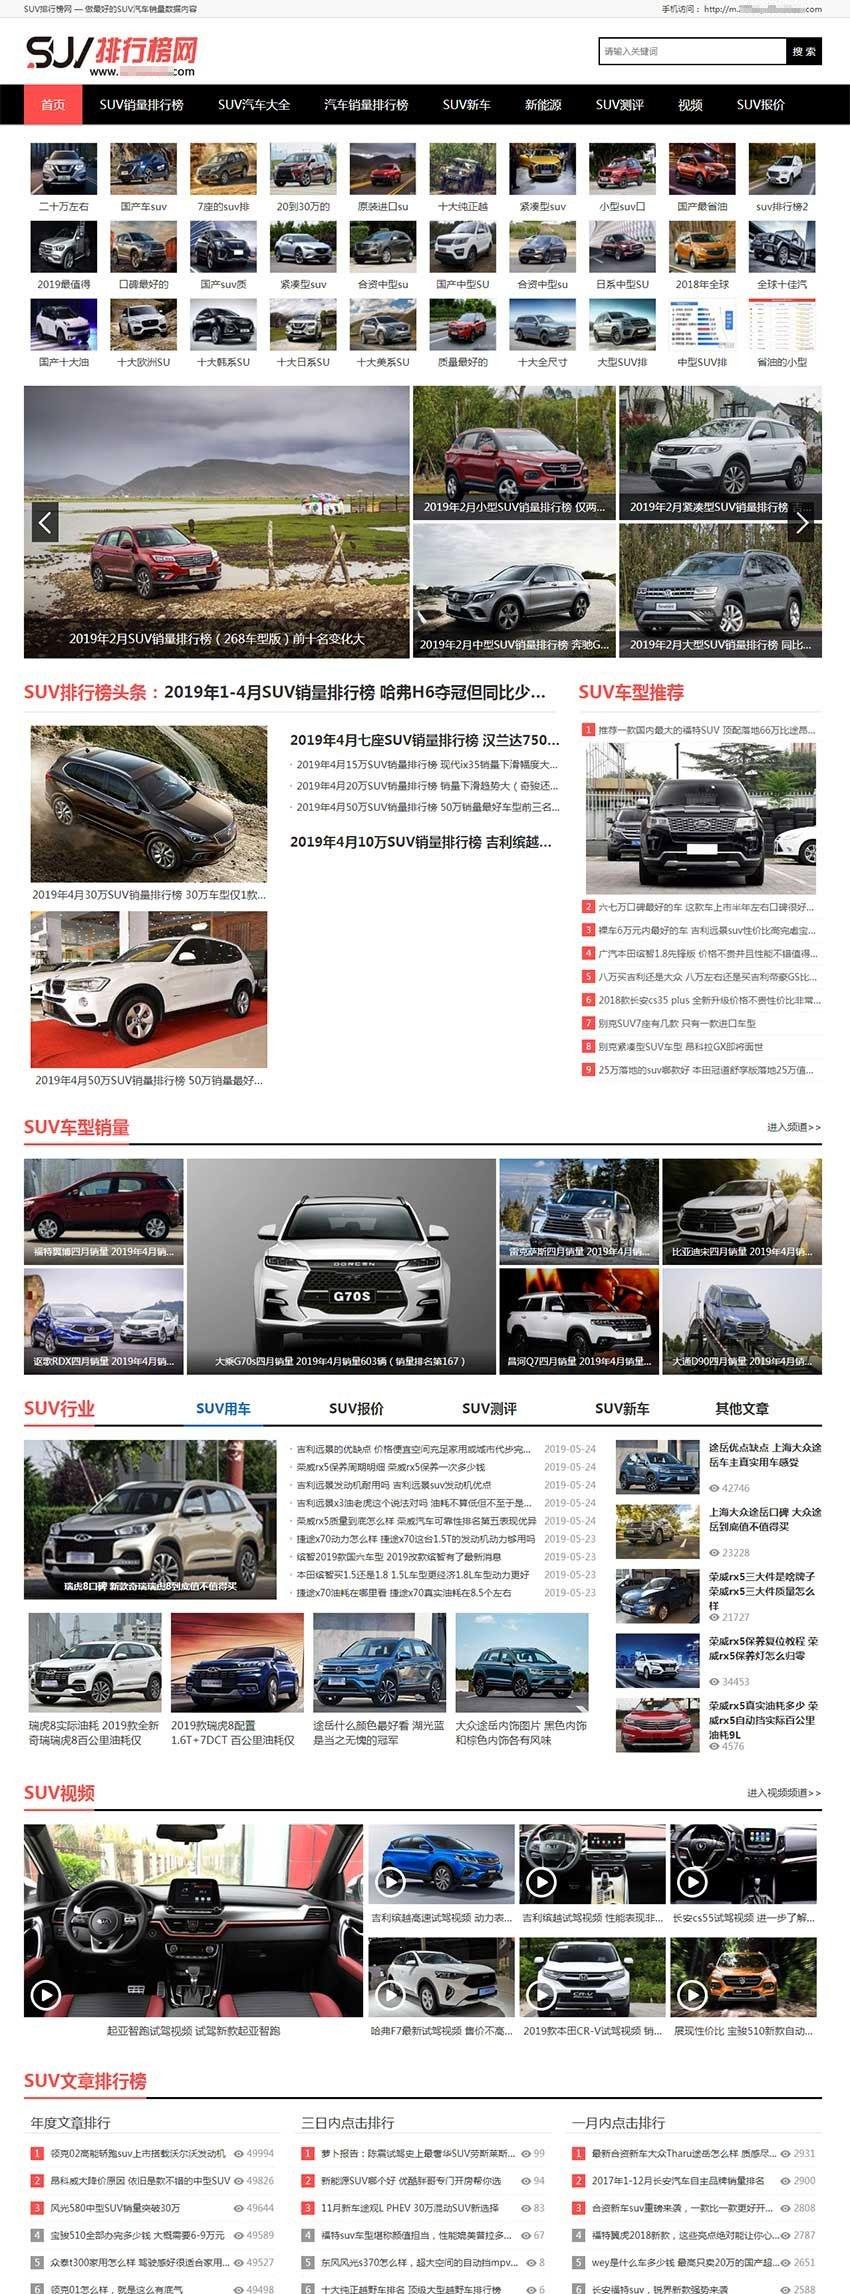 帝国CMS汽车销量排行网汽车销量资讯网站模板源码 第1张